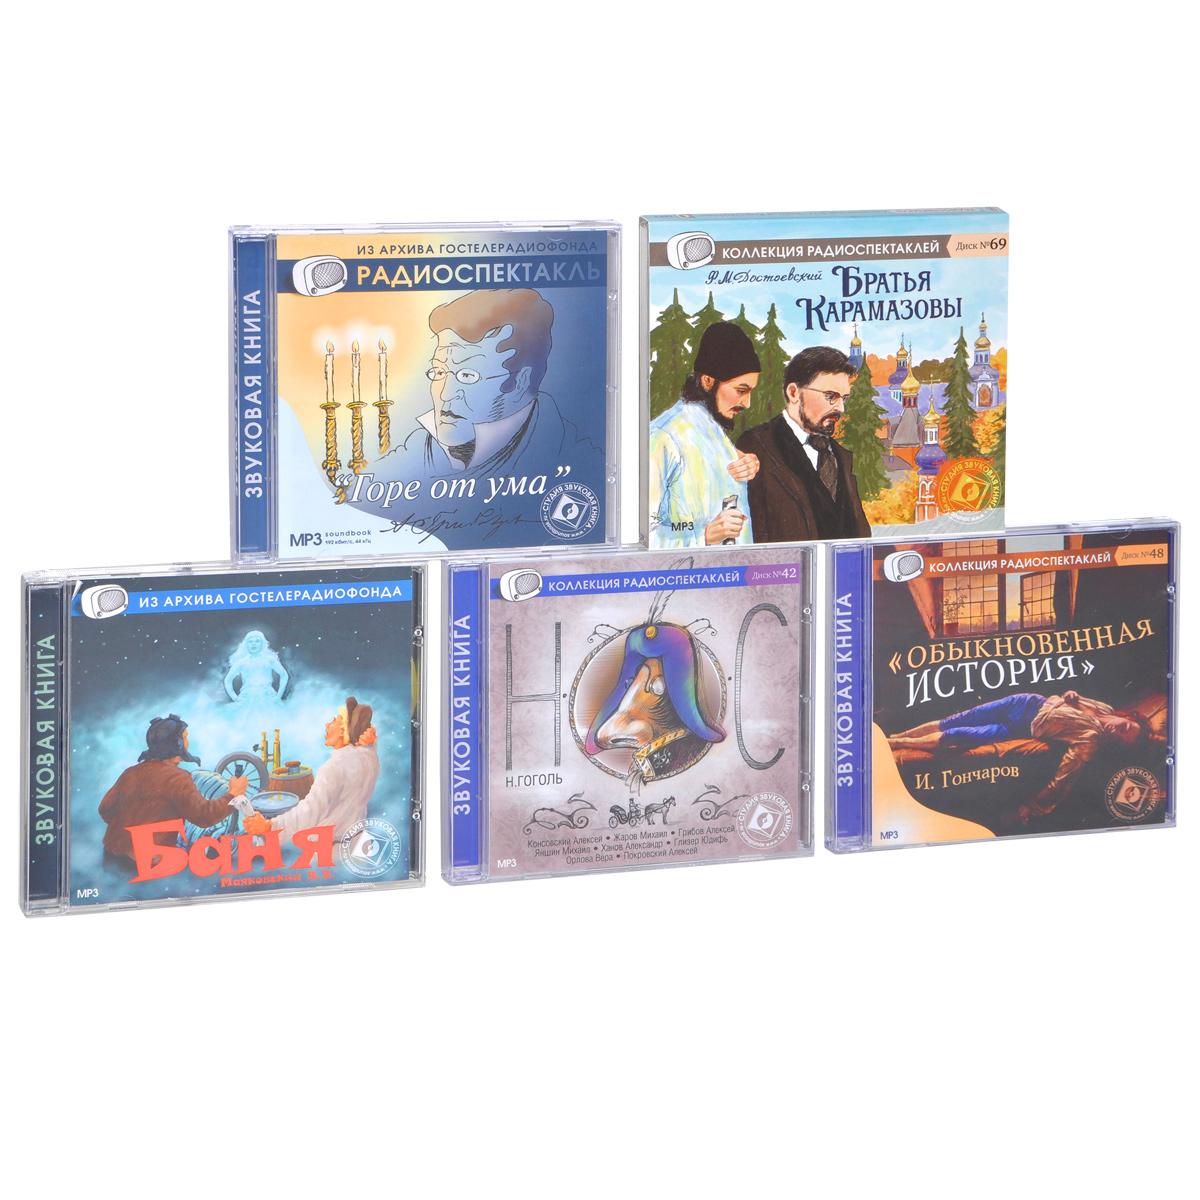 Радиоспектакли по произведениям русских писателей (комплект из 5 аудиокниг MP3)